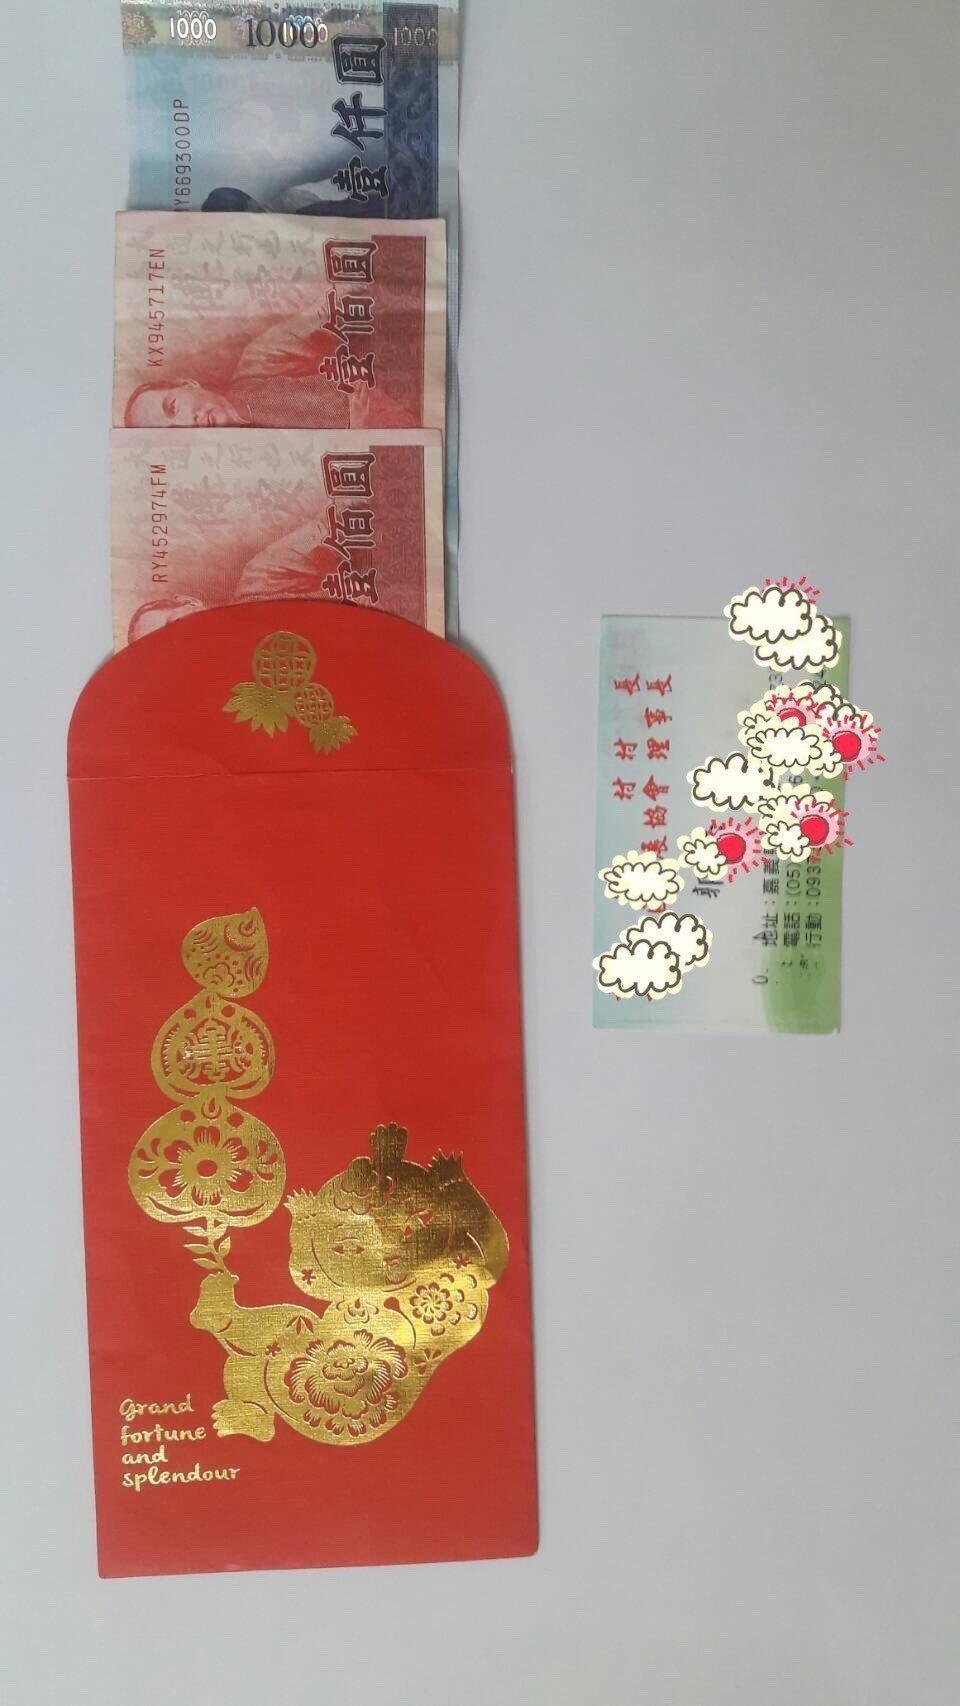 嘉義縣新港鄉某村長參選人今年藉由端午節的名義,送禮金給村內選民。記者姜宜菁/攝影